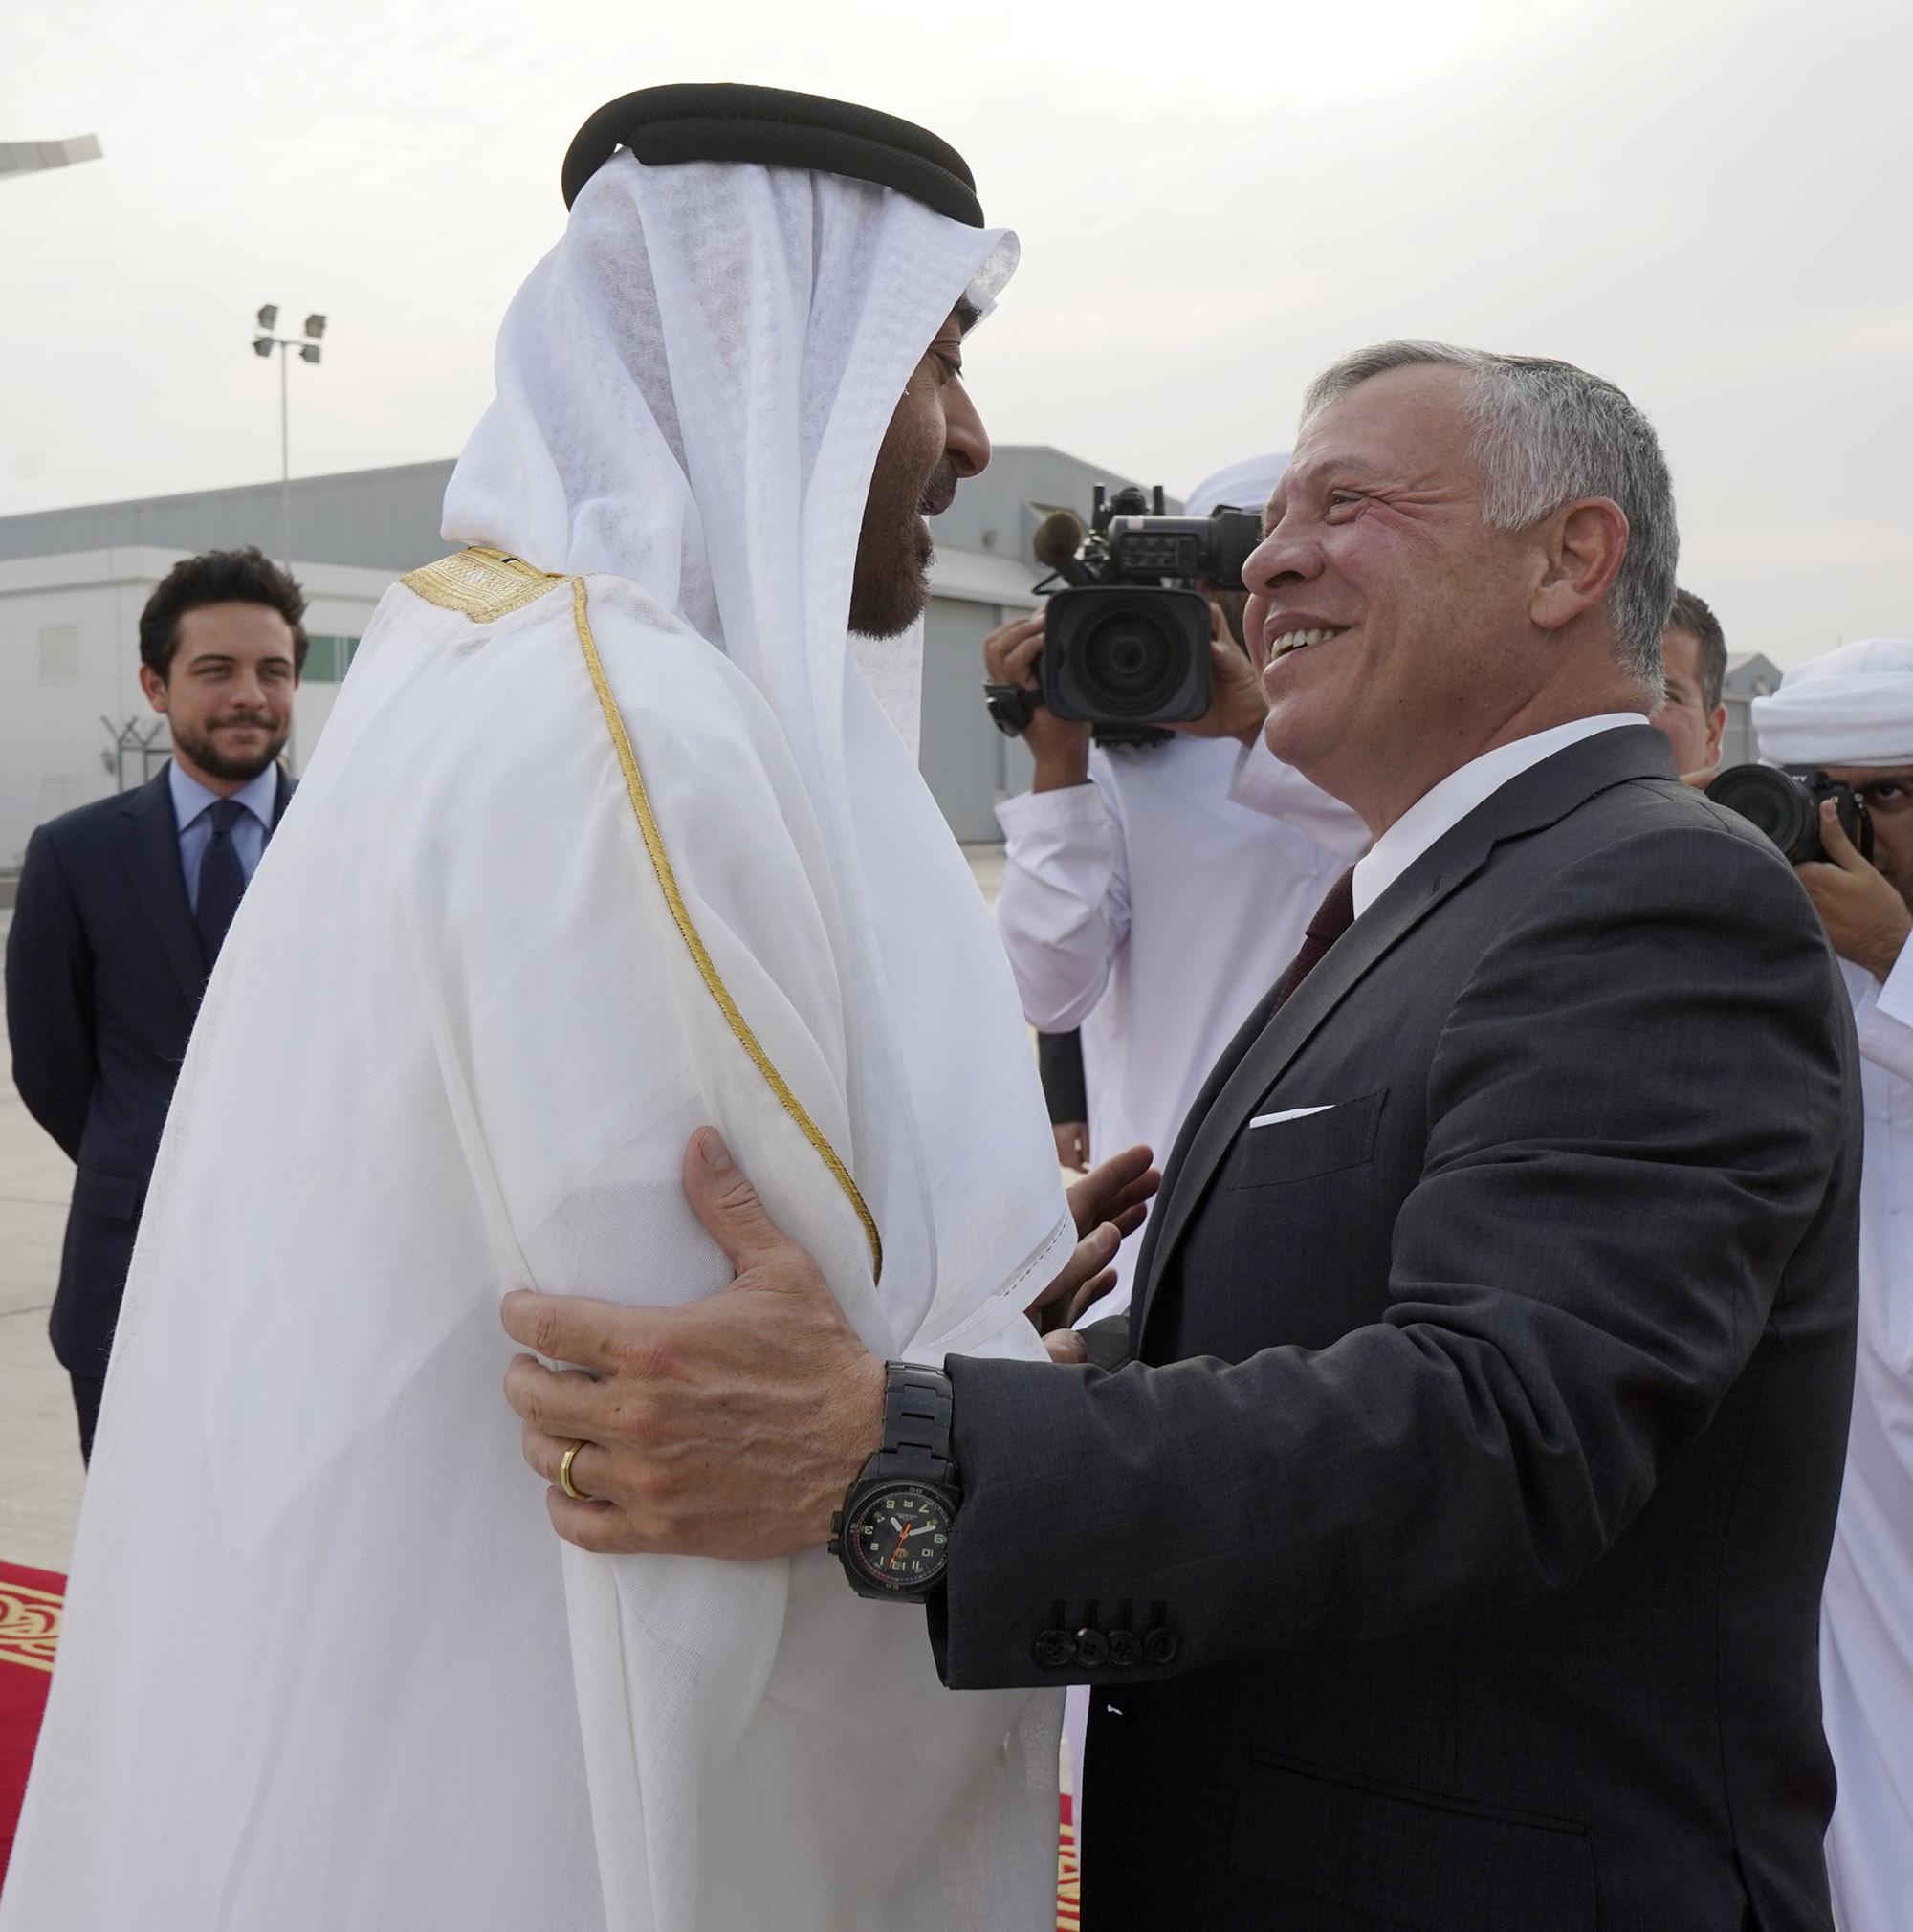 جلالة الملك عبدالله الثاني يصل إلى الإمارات